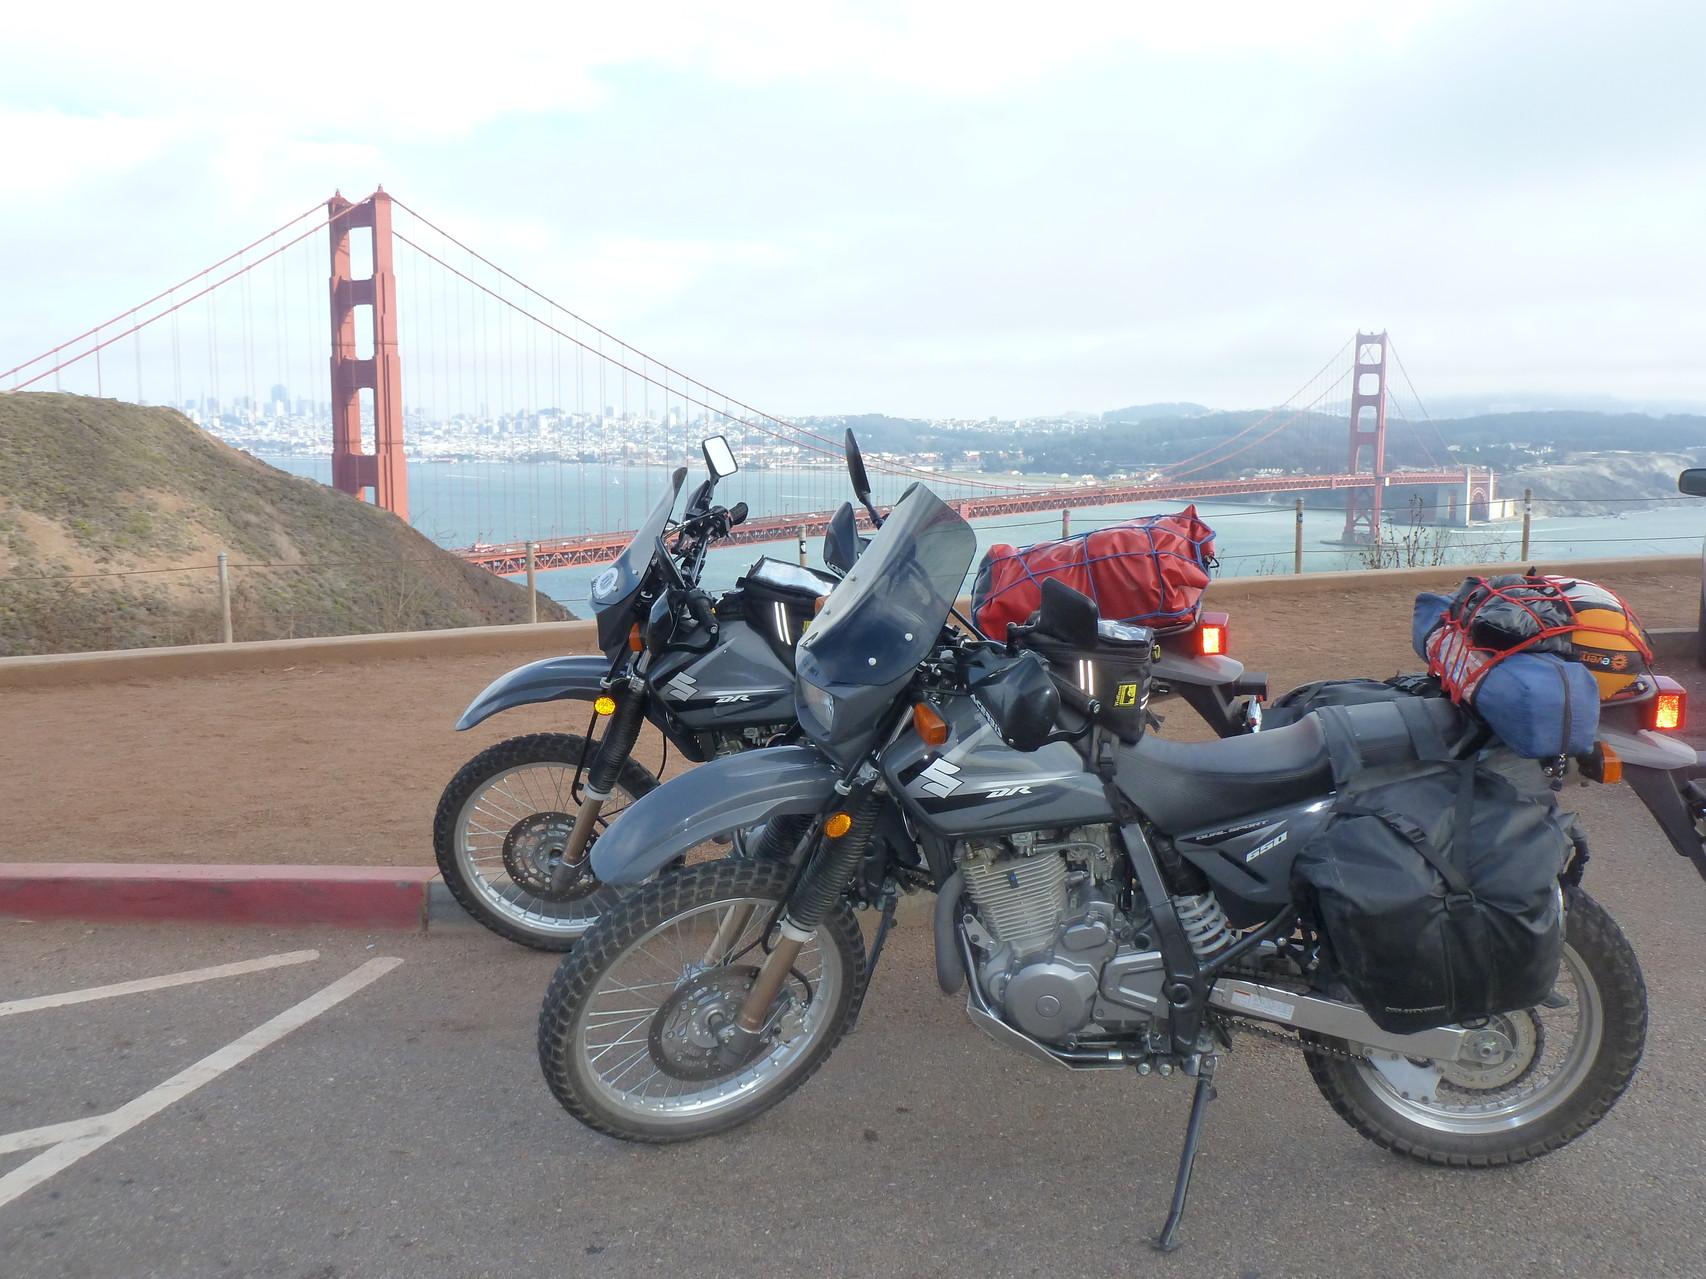 Weekend in San Fran